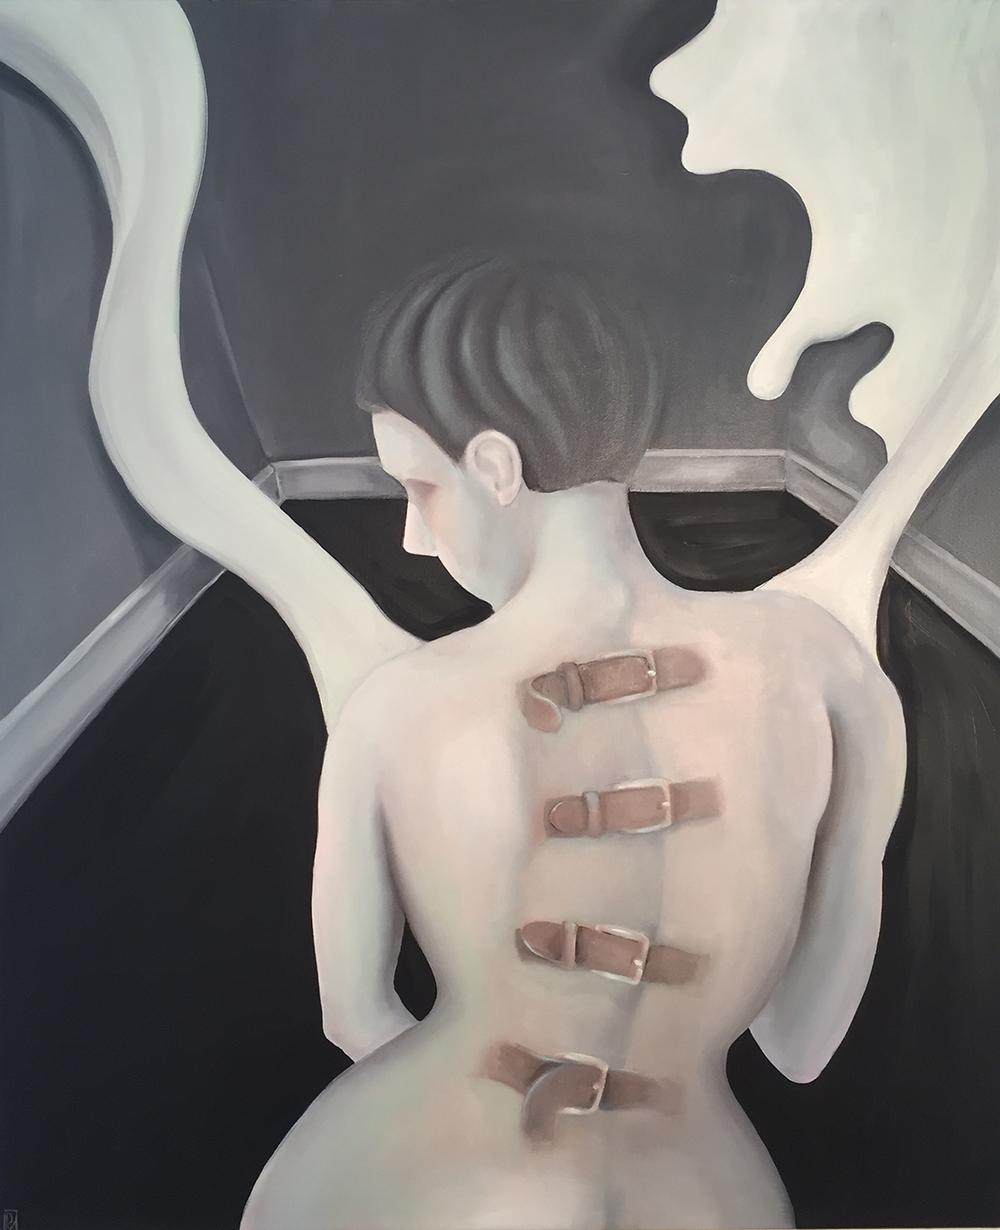 moderne kunst bolig indretning kvium nøgen kvinde spændetrøje bånd ryg